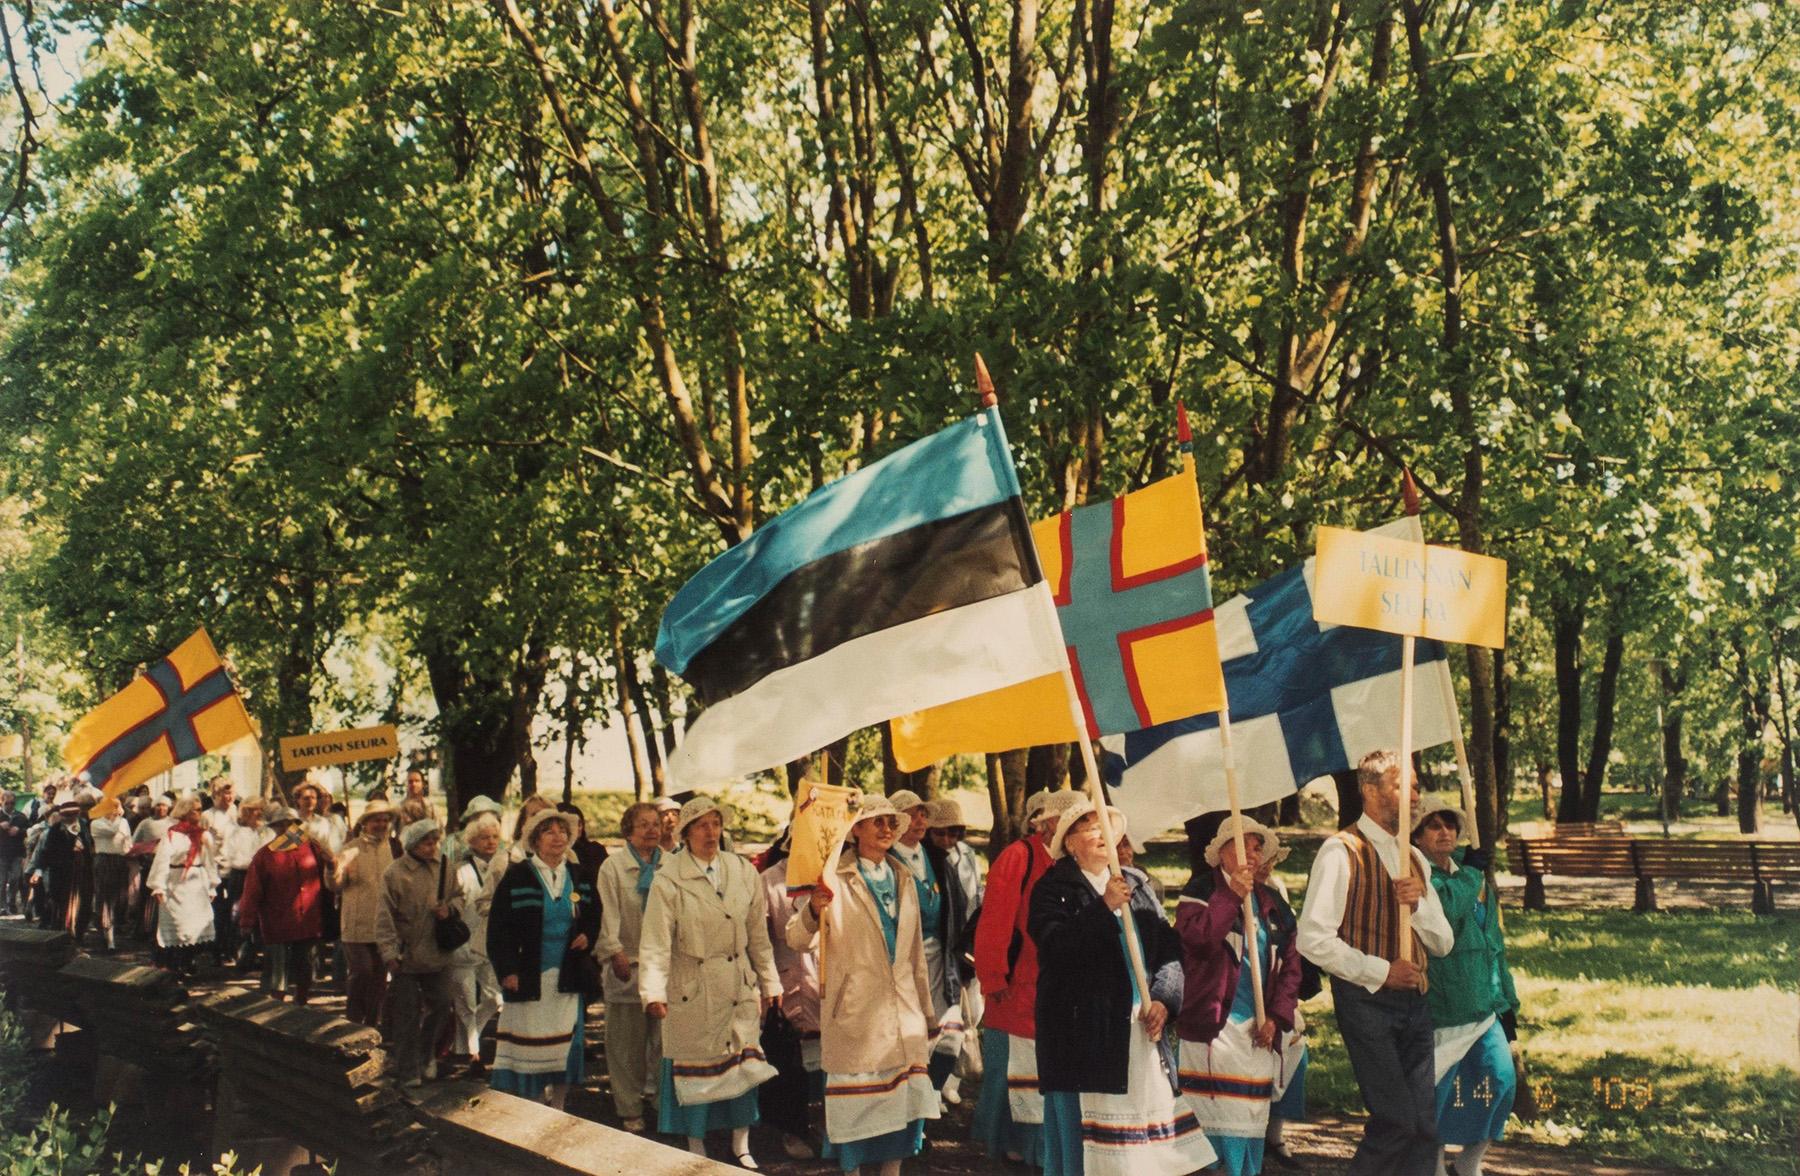 Lippukulukue Viron inkerinsuomalaisten XIX laulu- ja tanhujuhlilta Jõhvistä vuodelta 2009. SKS KIA, Albert Kirjasen arkisto. CC BY 4.0